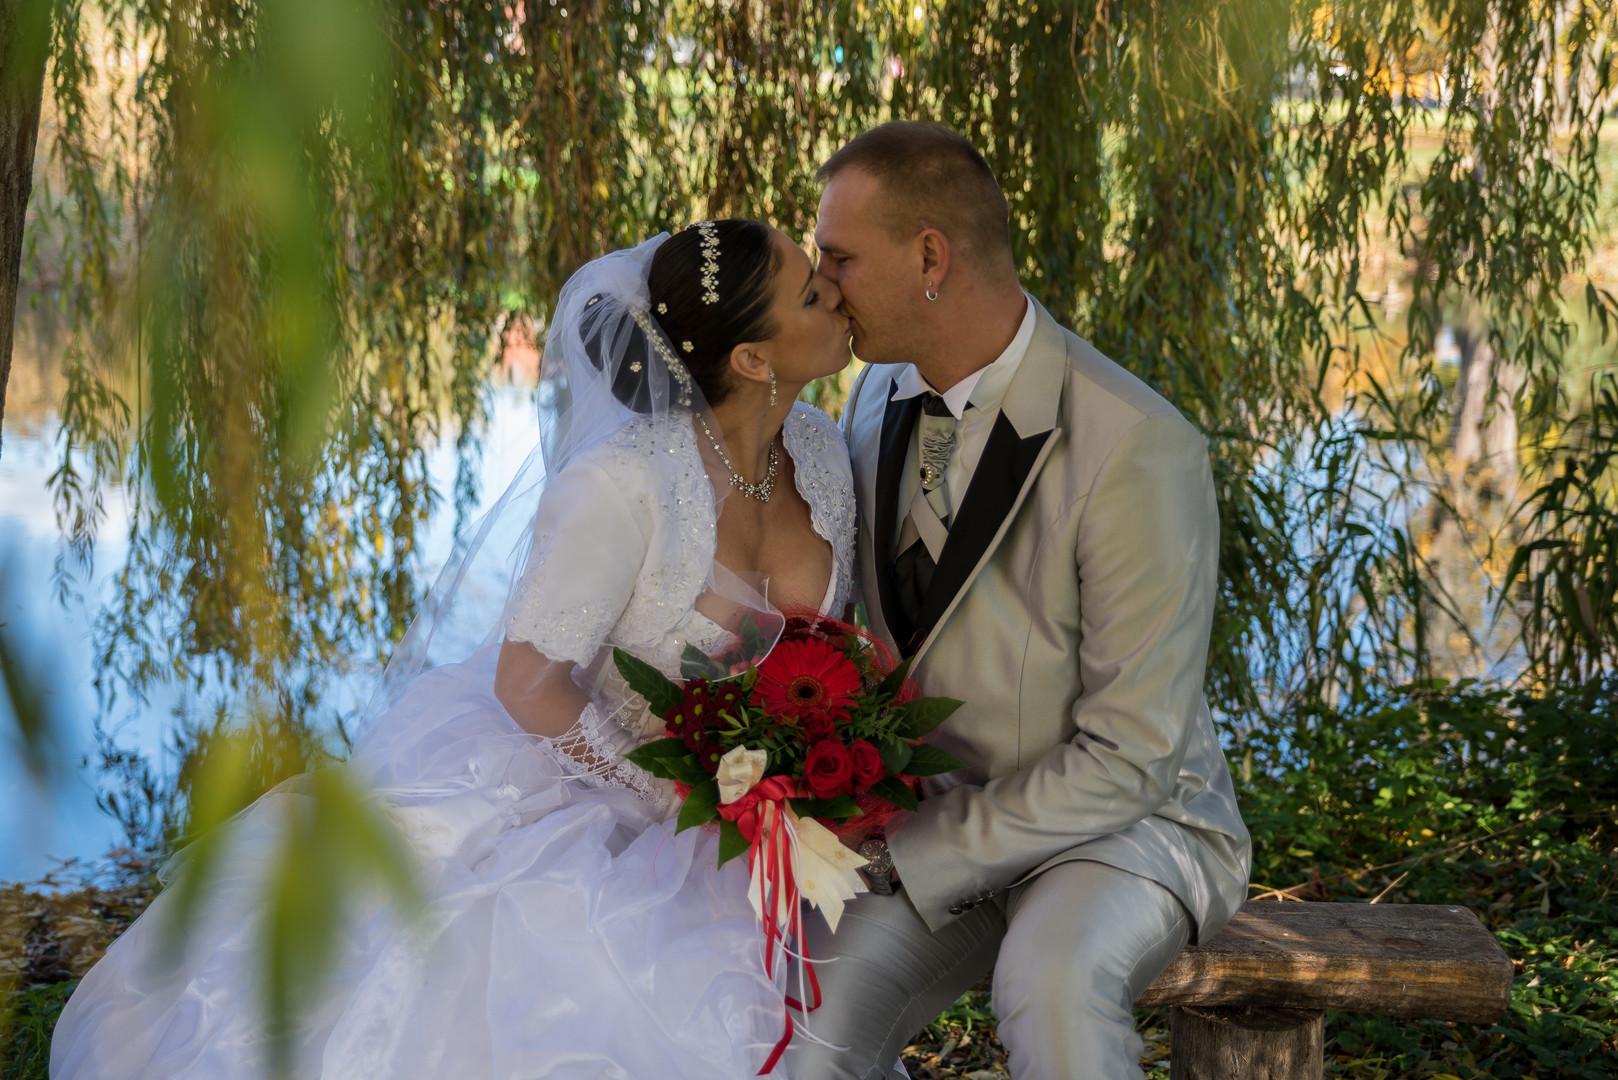 Hochzeit_Referenz-8.jpg